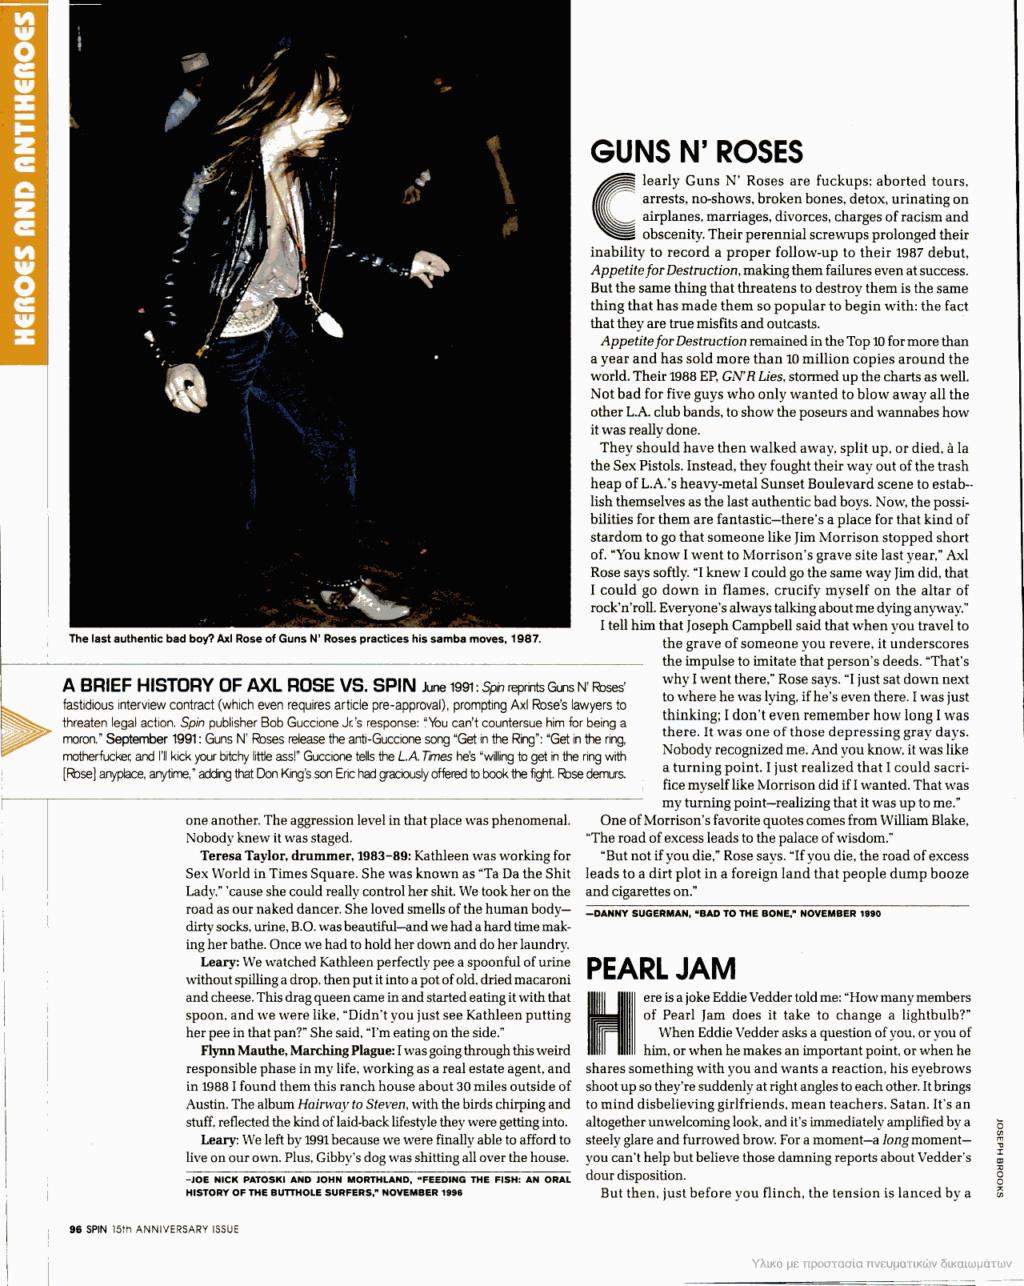 2000.04.DD - Spin - Heroes And Antiheroes: Guns N' Roses 2000_010